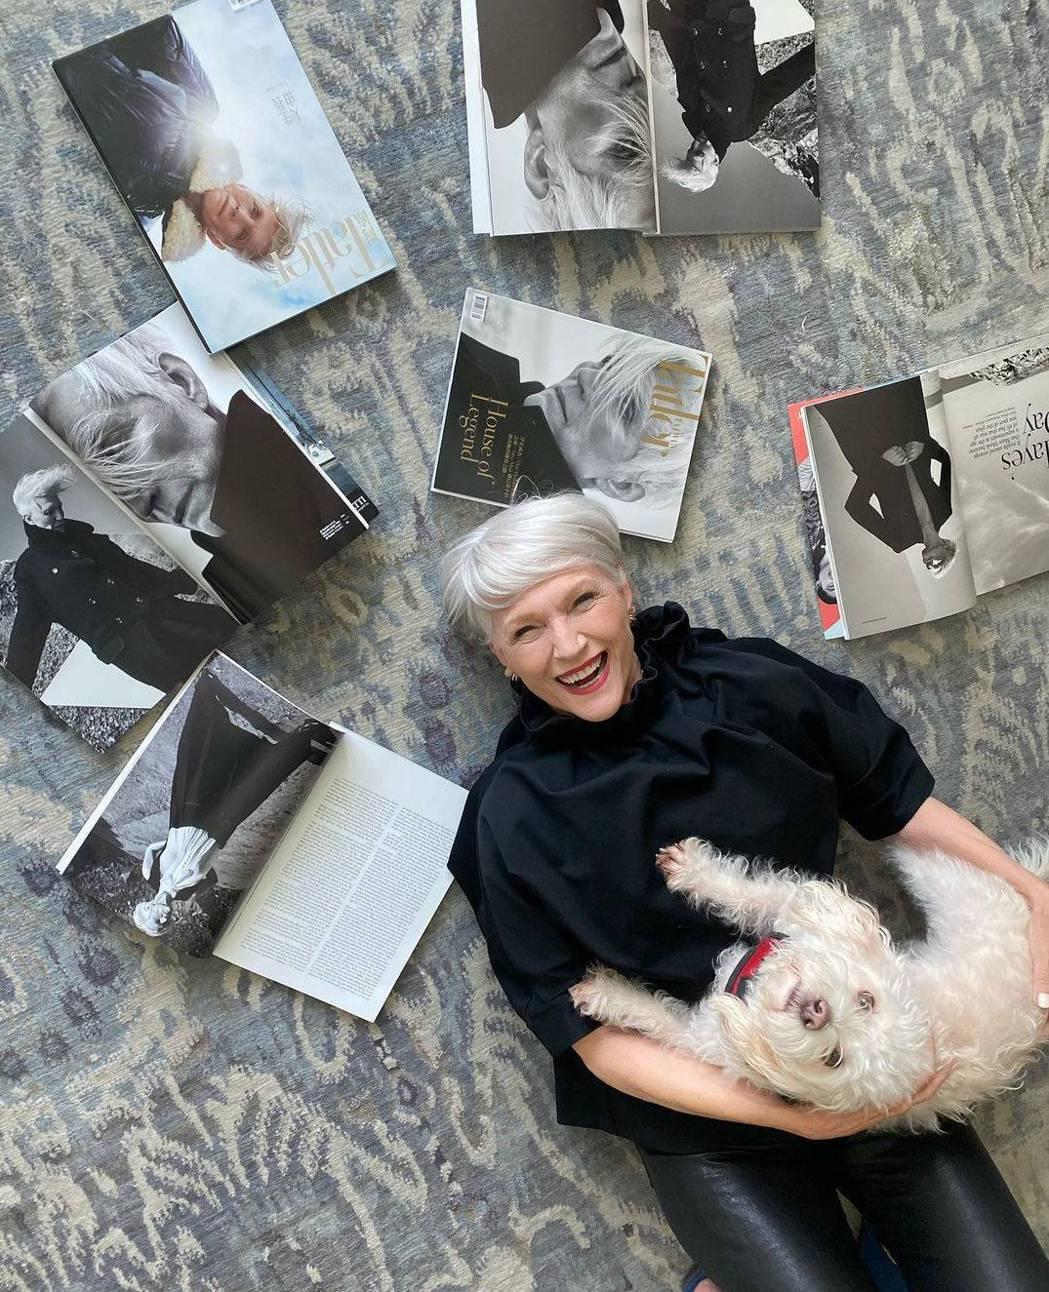 梅伊馬斯克也玩社群網站,在這裡有她的工作紀錄,也有她的日常生活照。圖/摘自<a ...